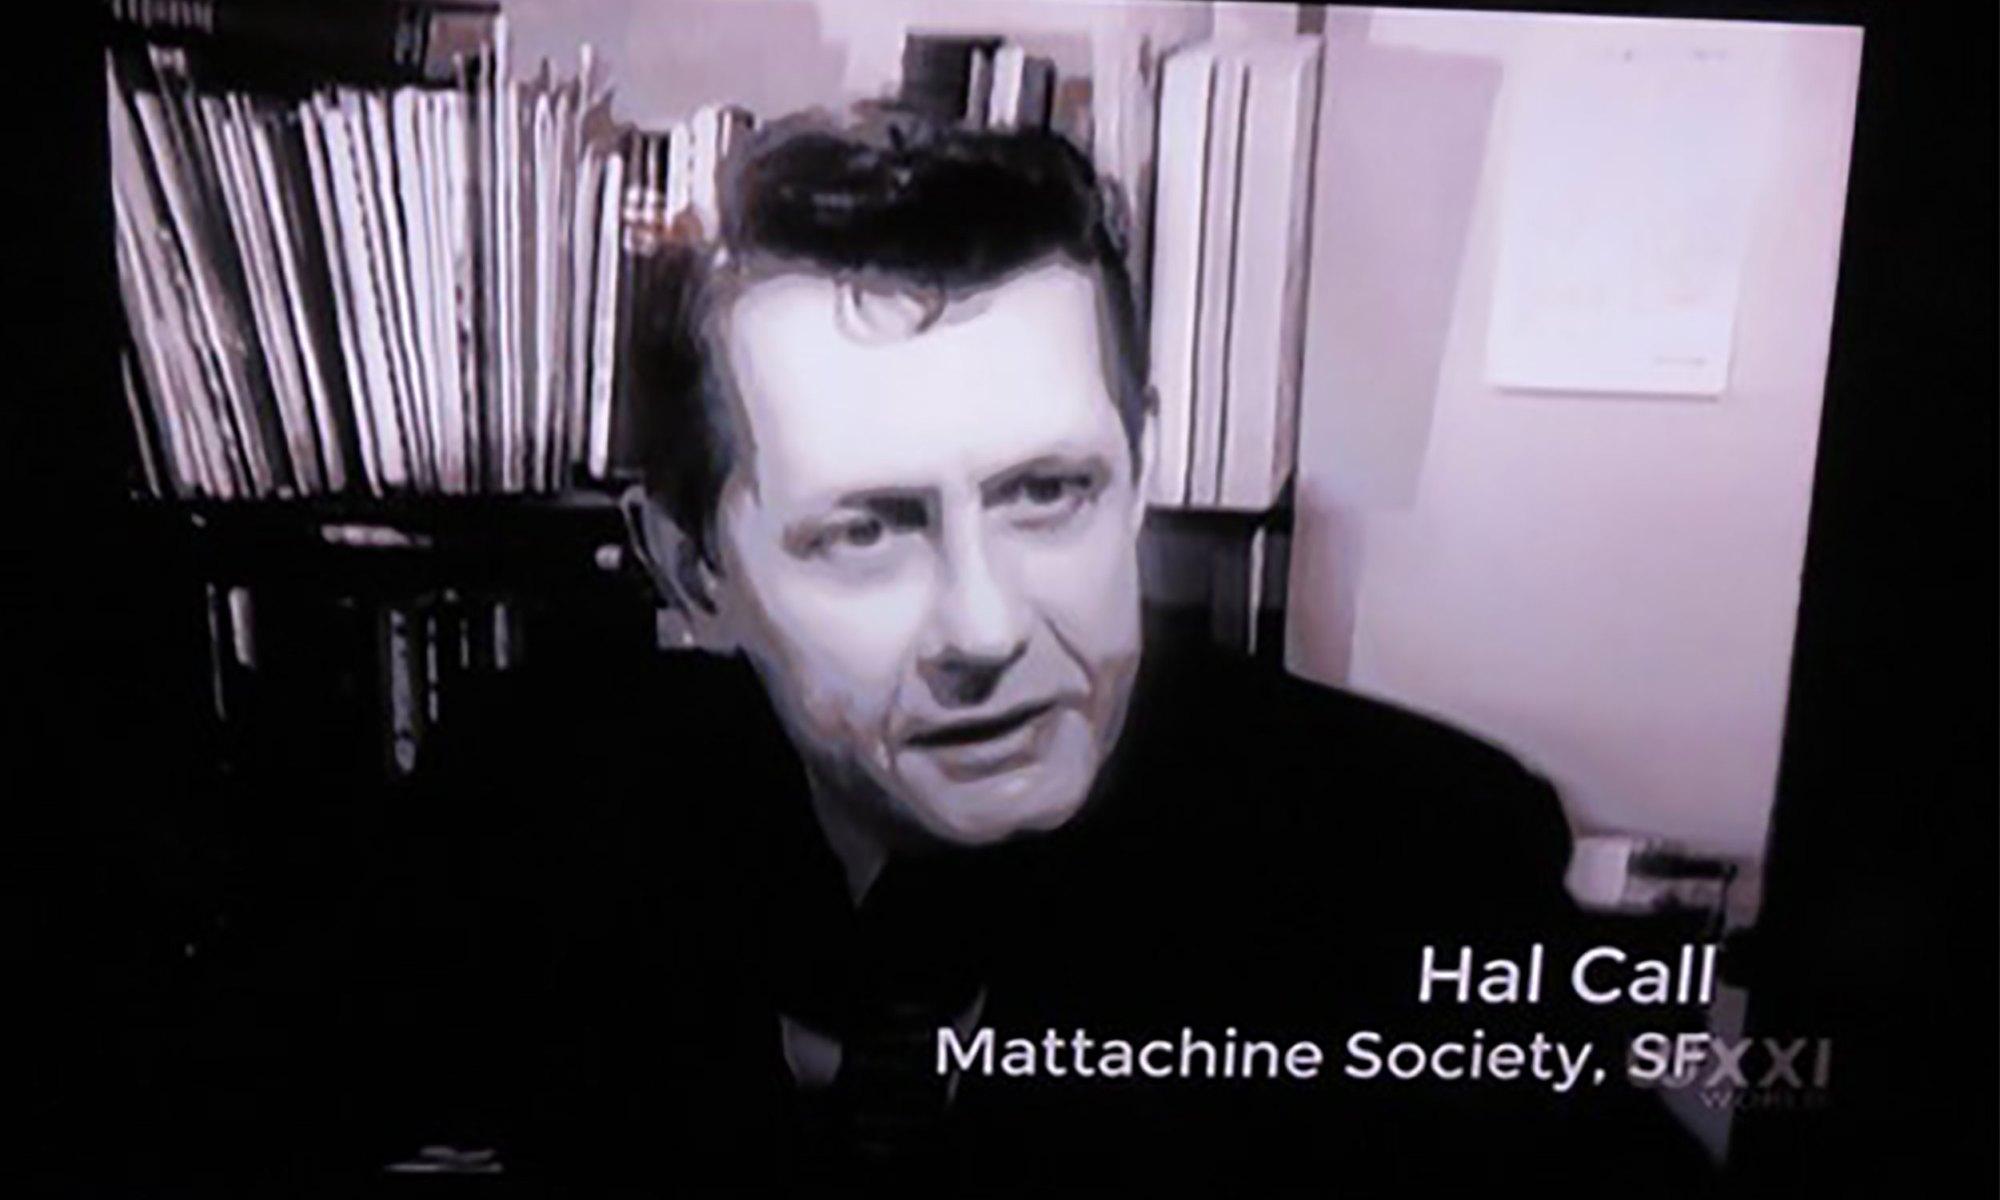 Hal Call TV image